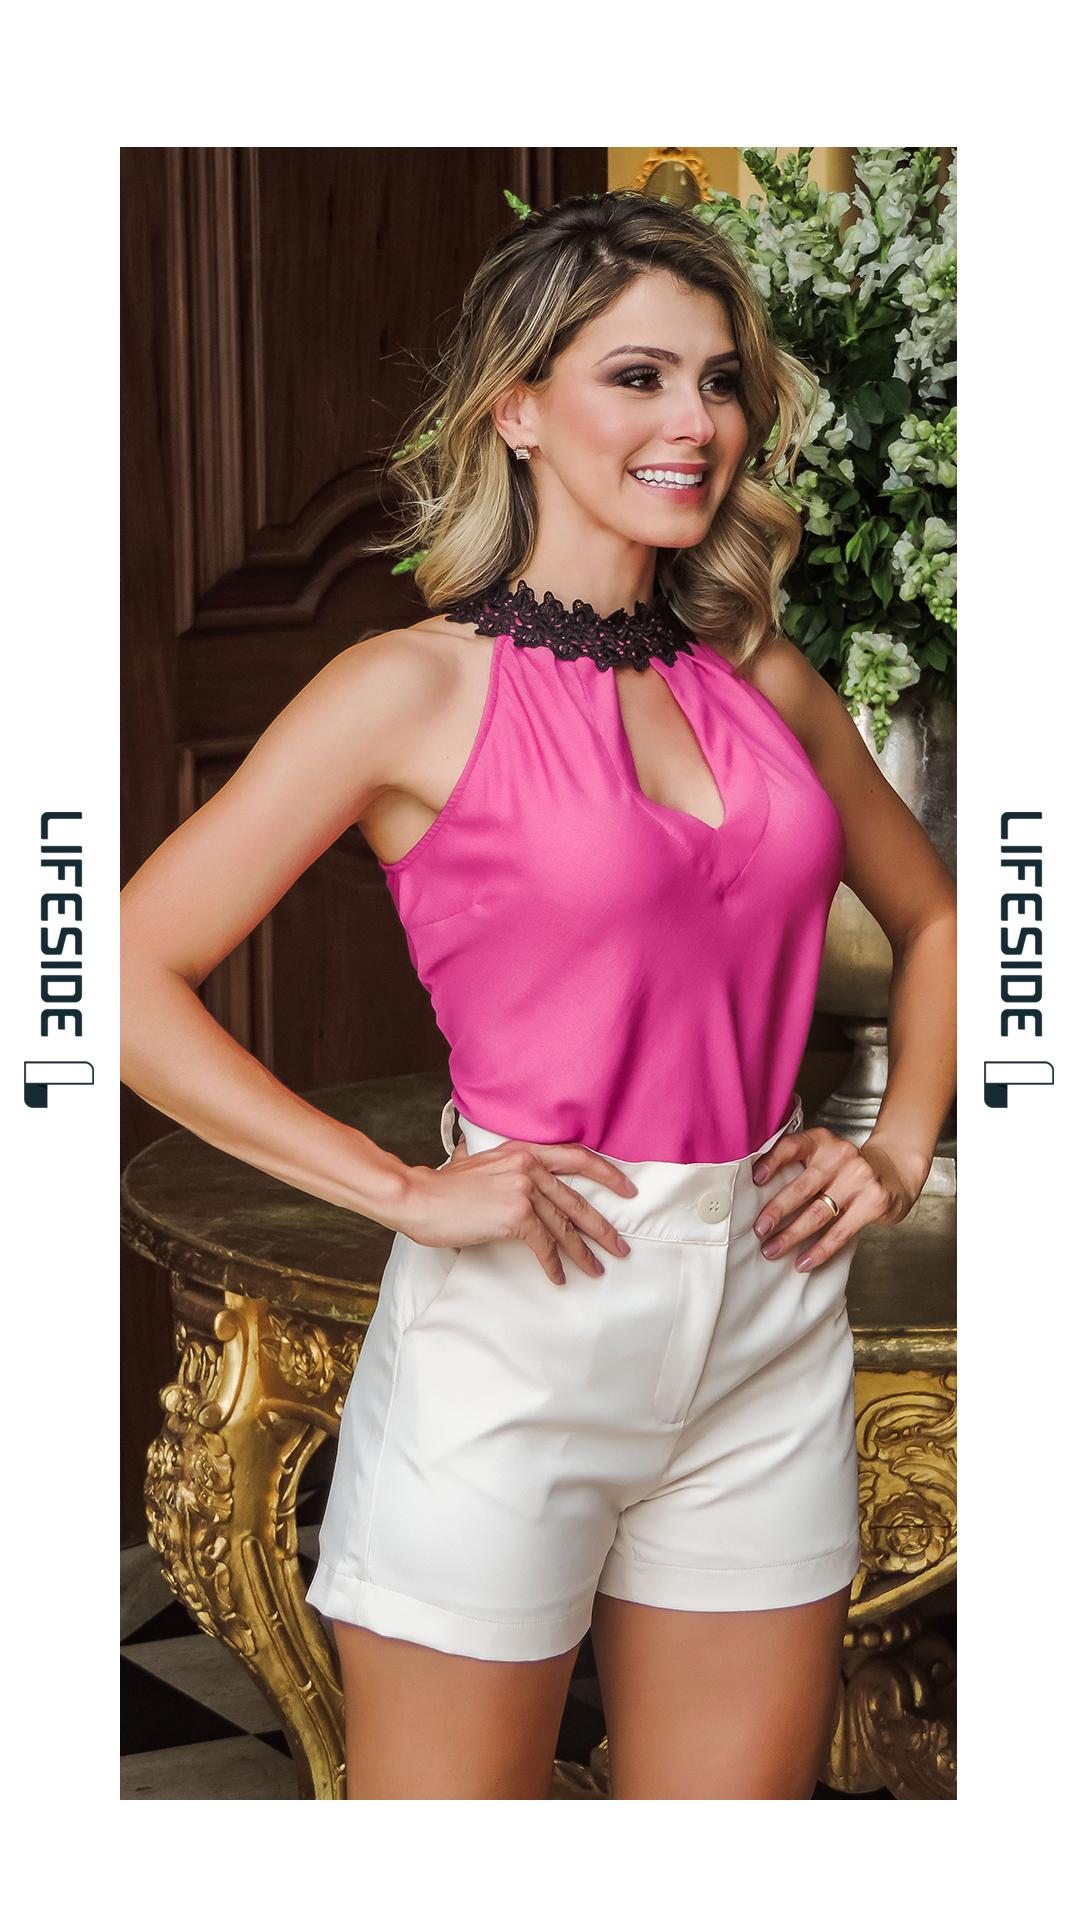 76c08b8e3 LIFESIDE, Moda Feminina Primavera Verão 2019. Blusa rosa com preto. Gola em  guipir